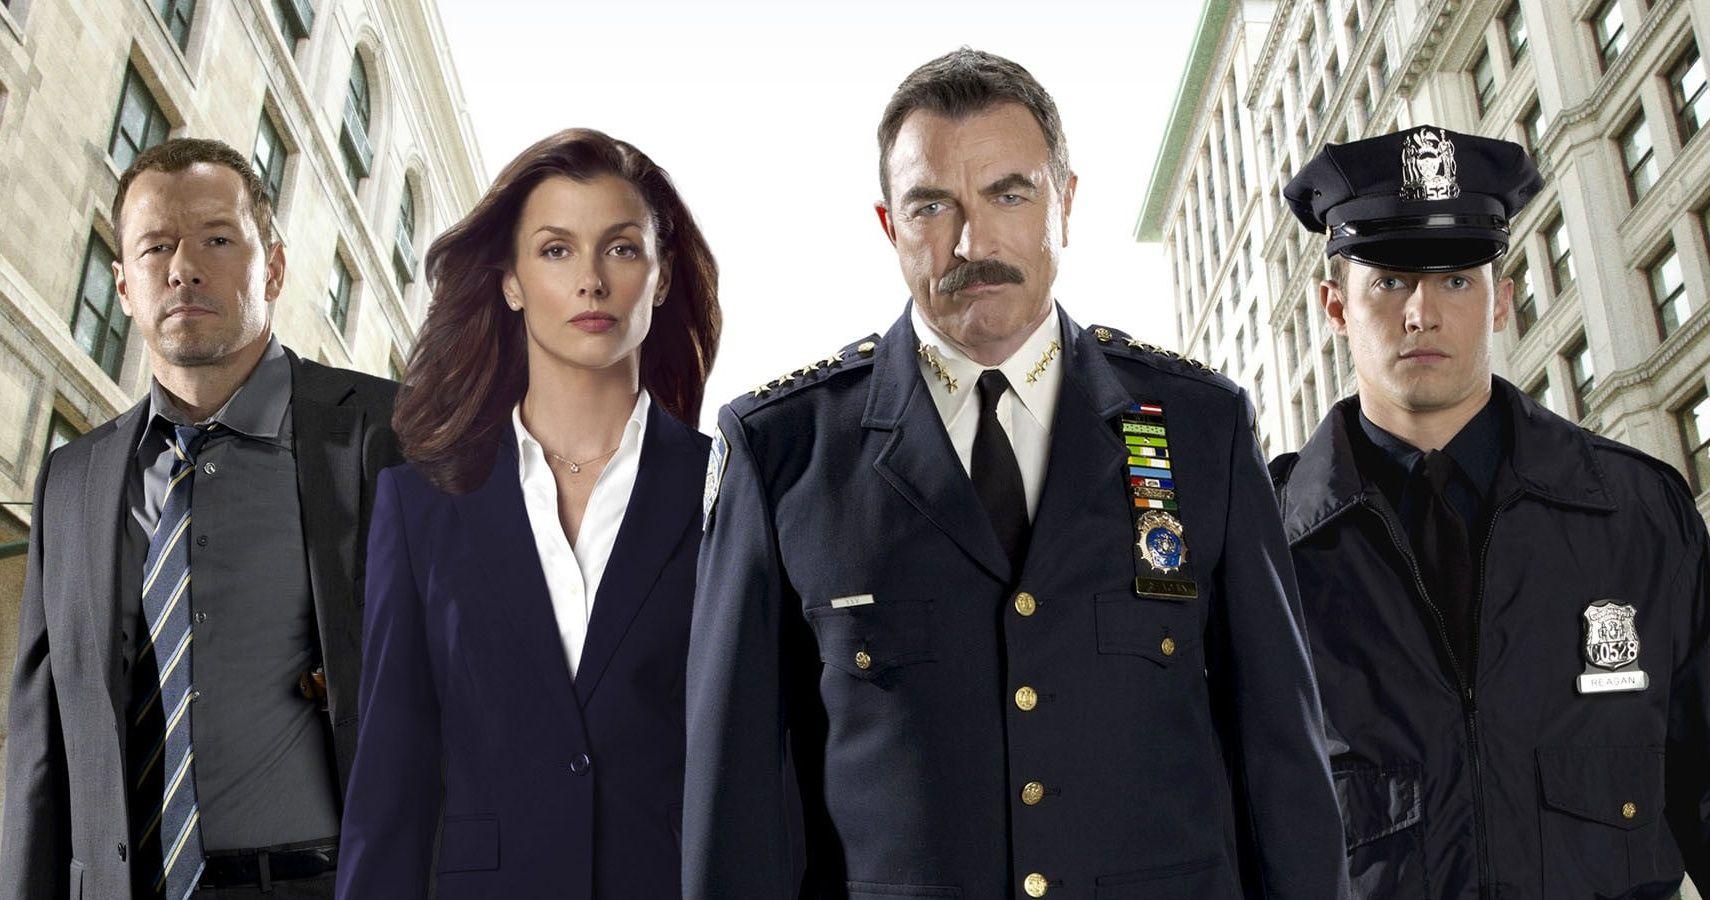 Blue Bloods Season 11 Episode 10 Release Date